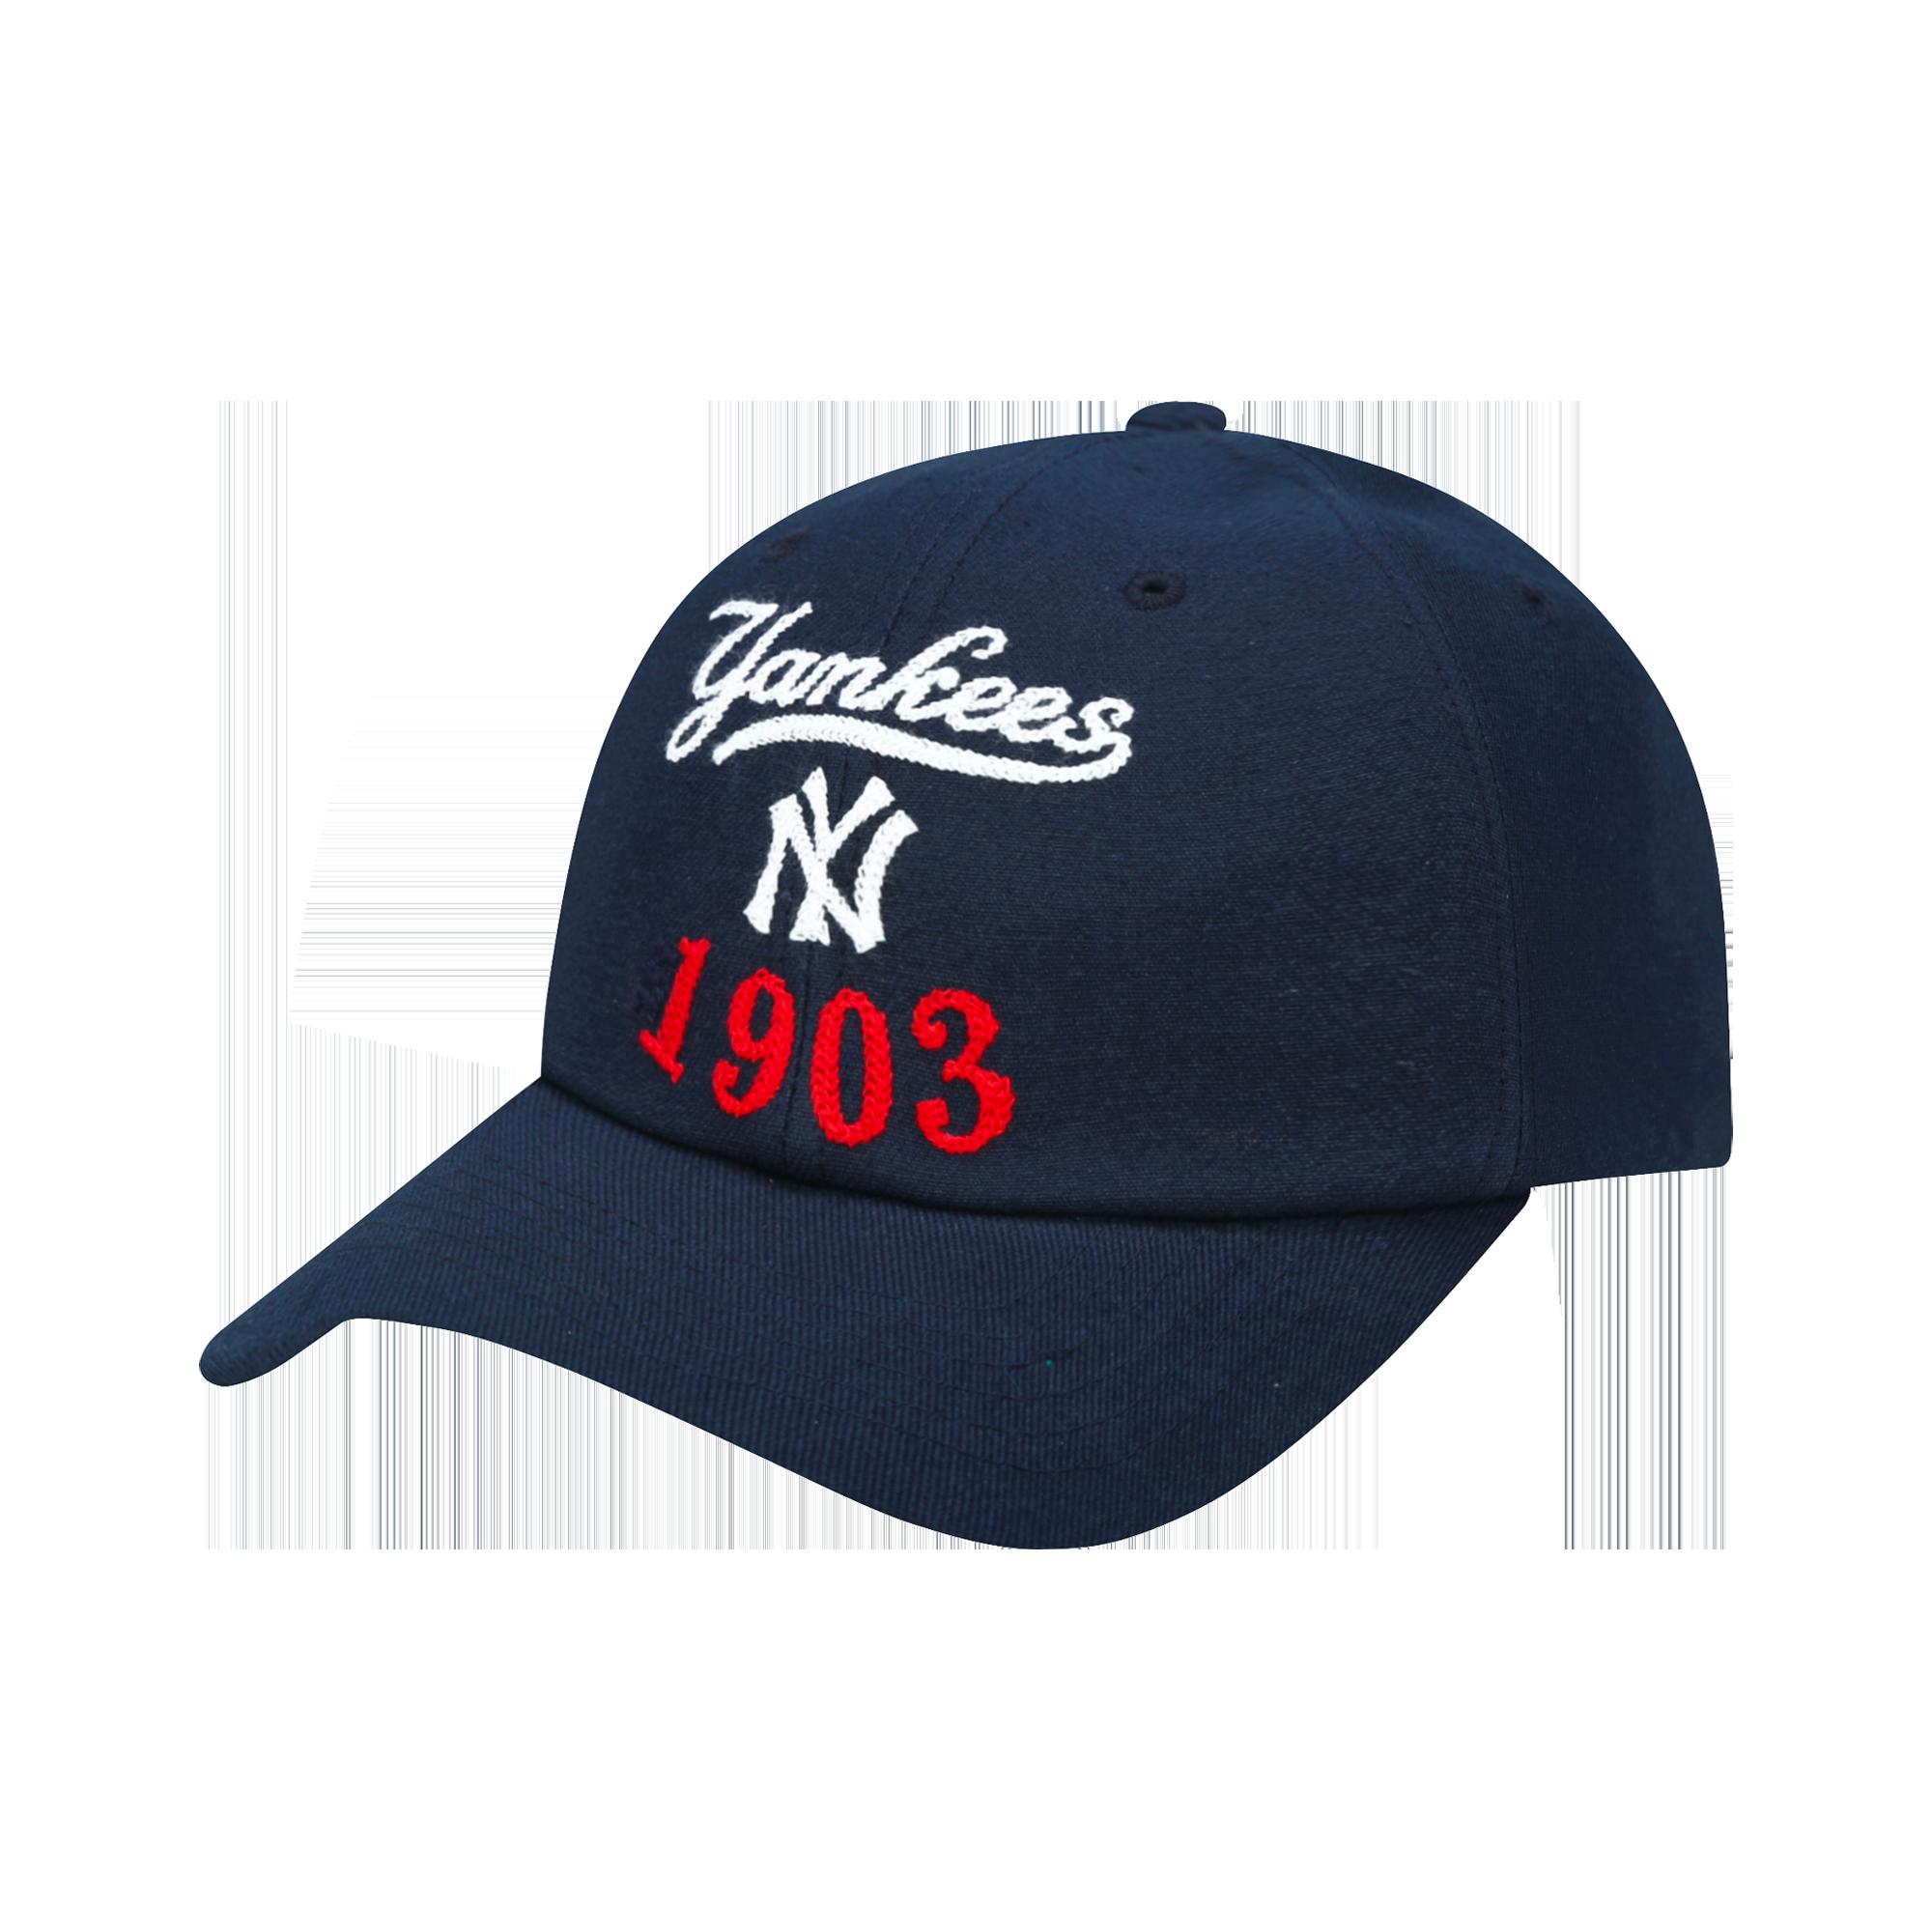 NEW YORK YANKEES COOPERS CURSIVE BALL CAP